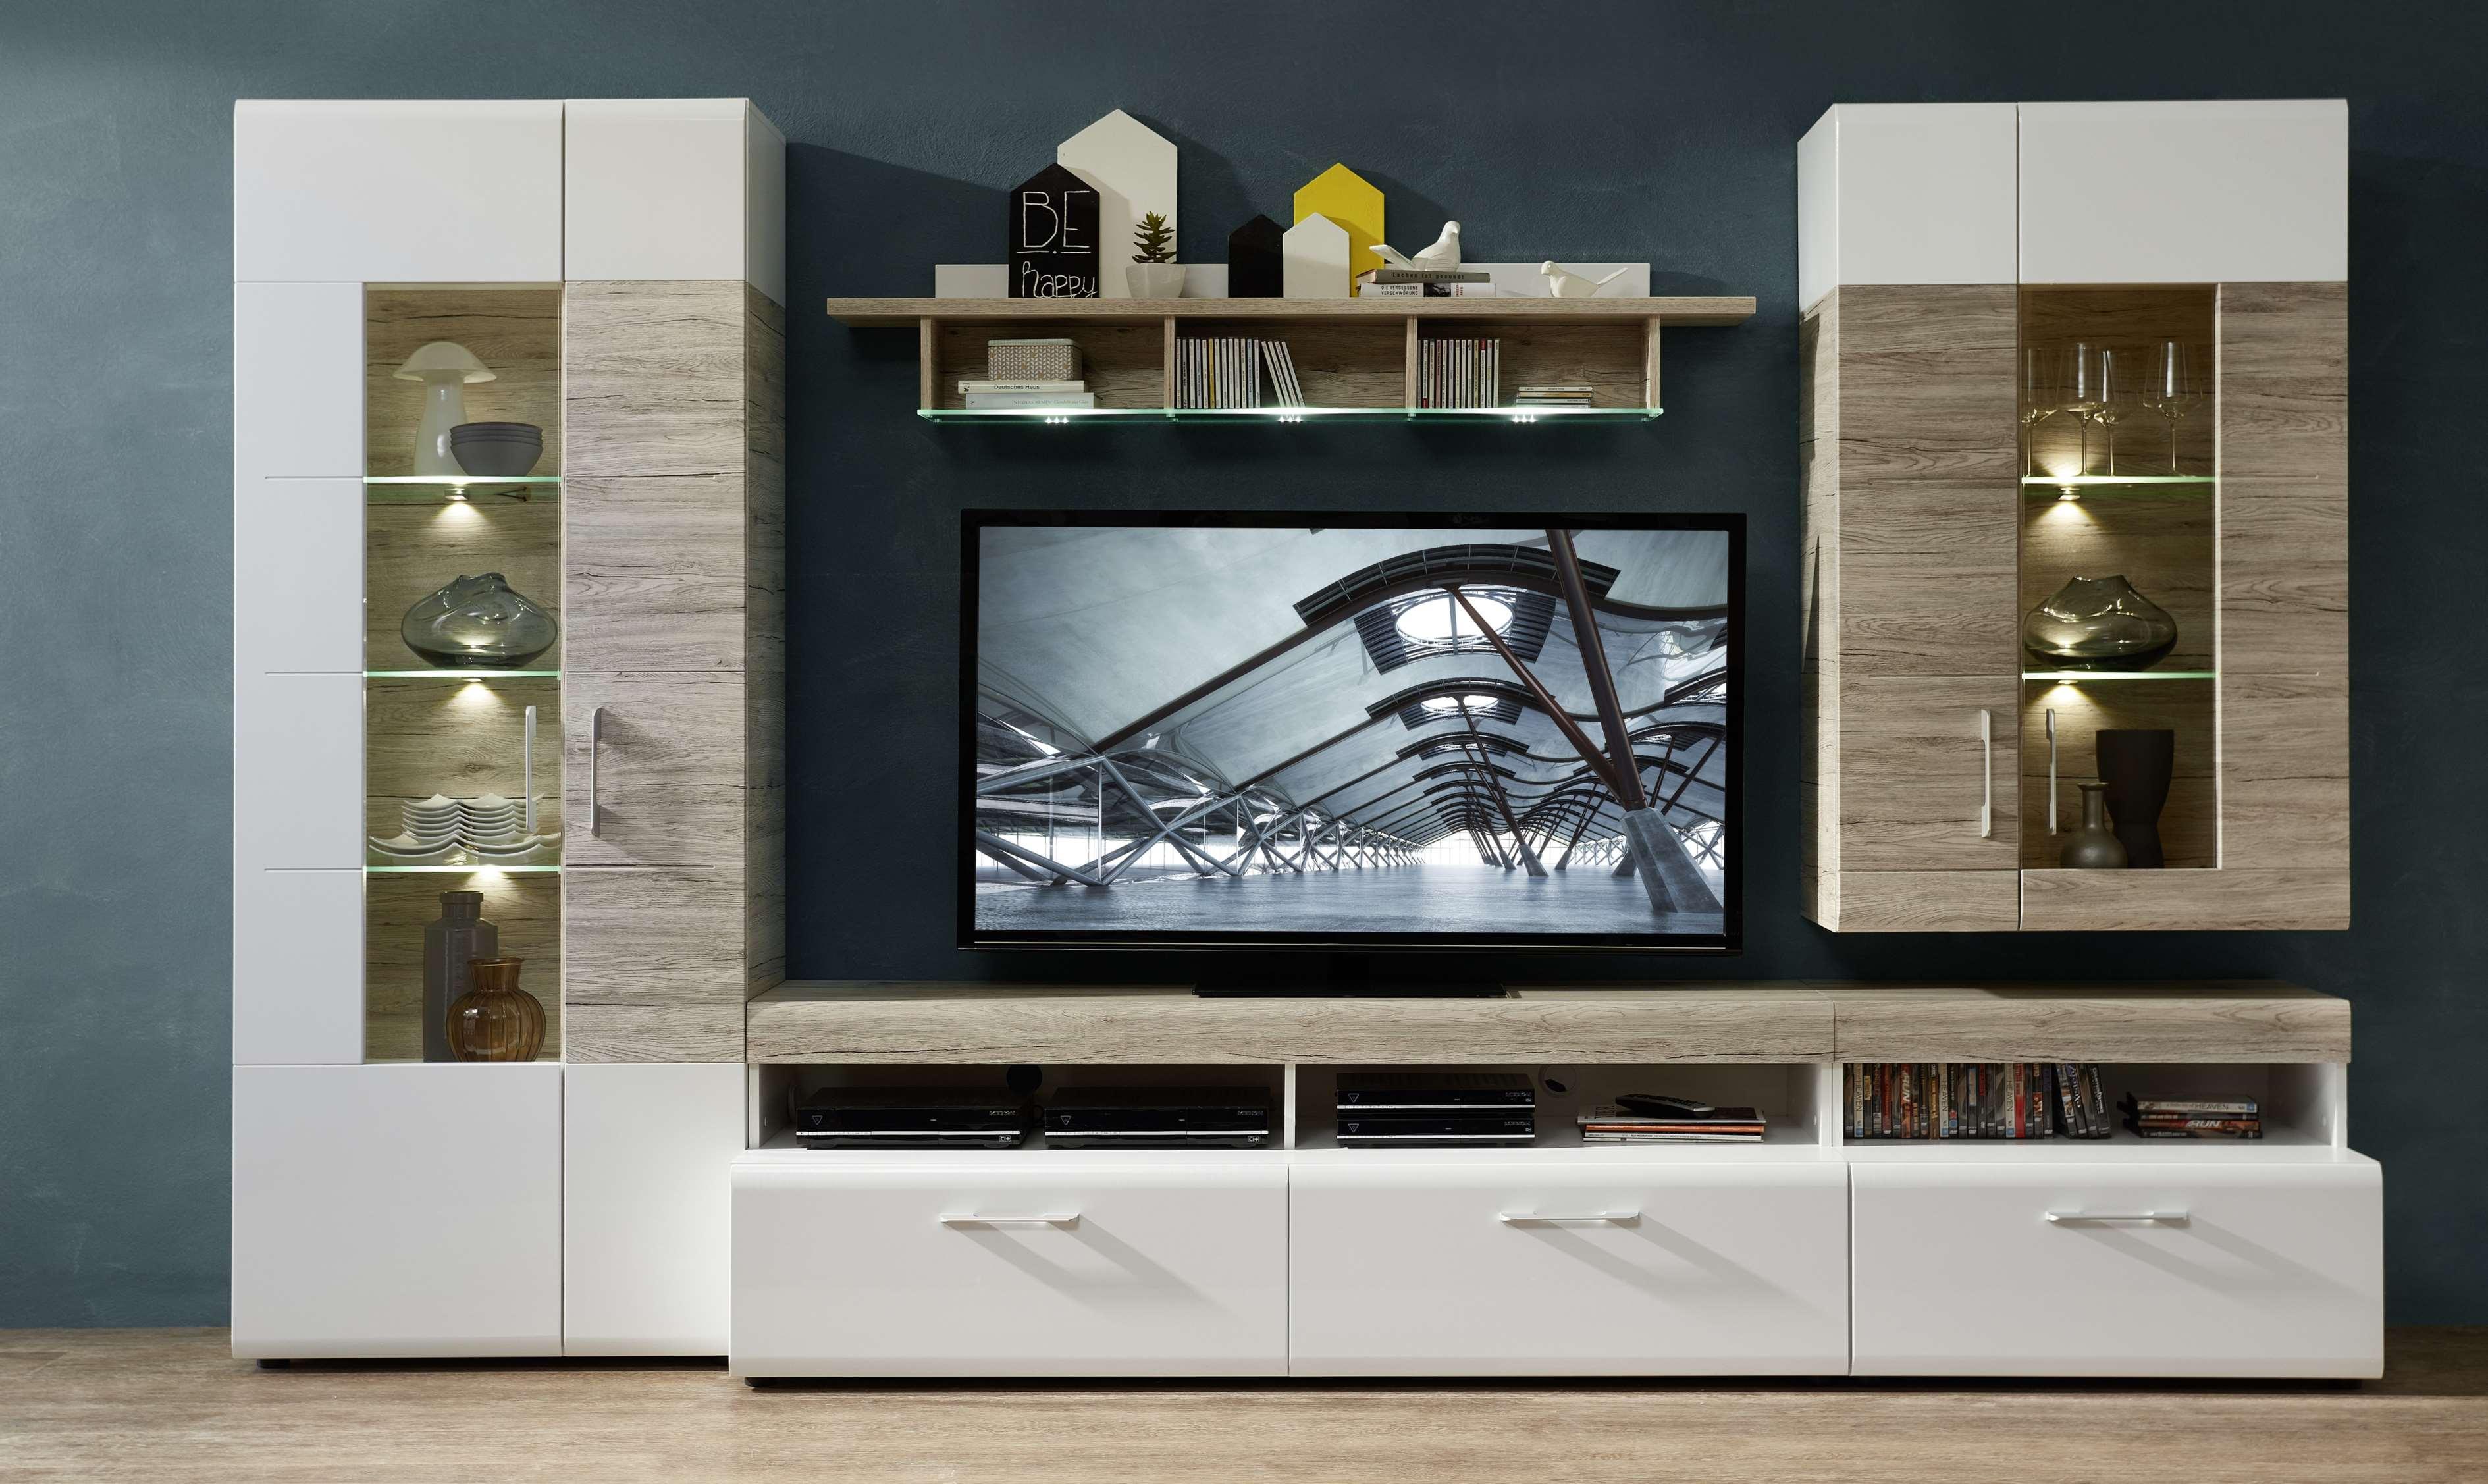 Details zu Wohnwand SPIRIT Wohnzimmer-Set Vitrine Hängeregal Wandboard TV  Regal weiß LED